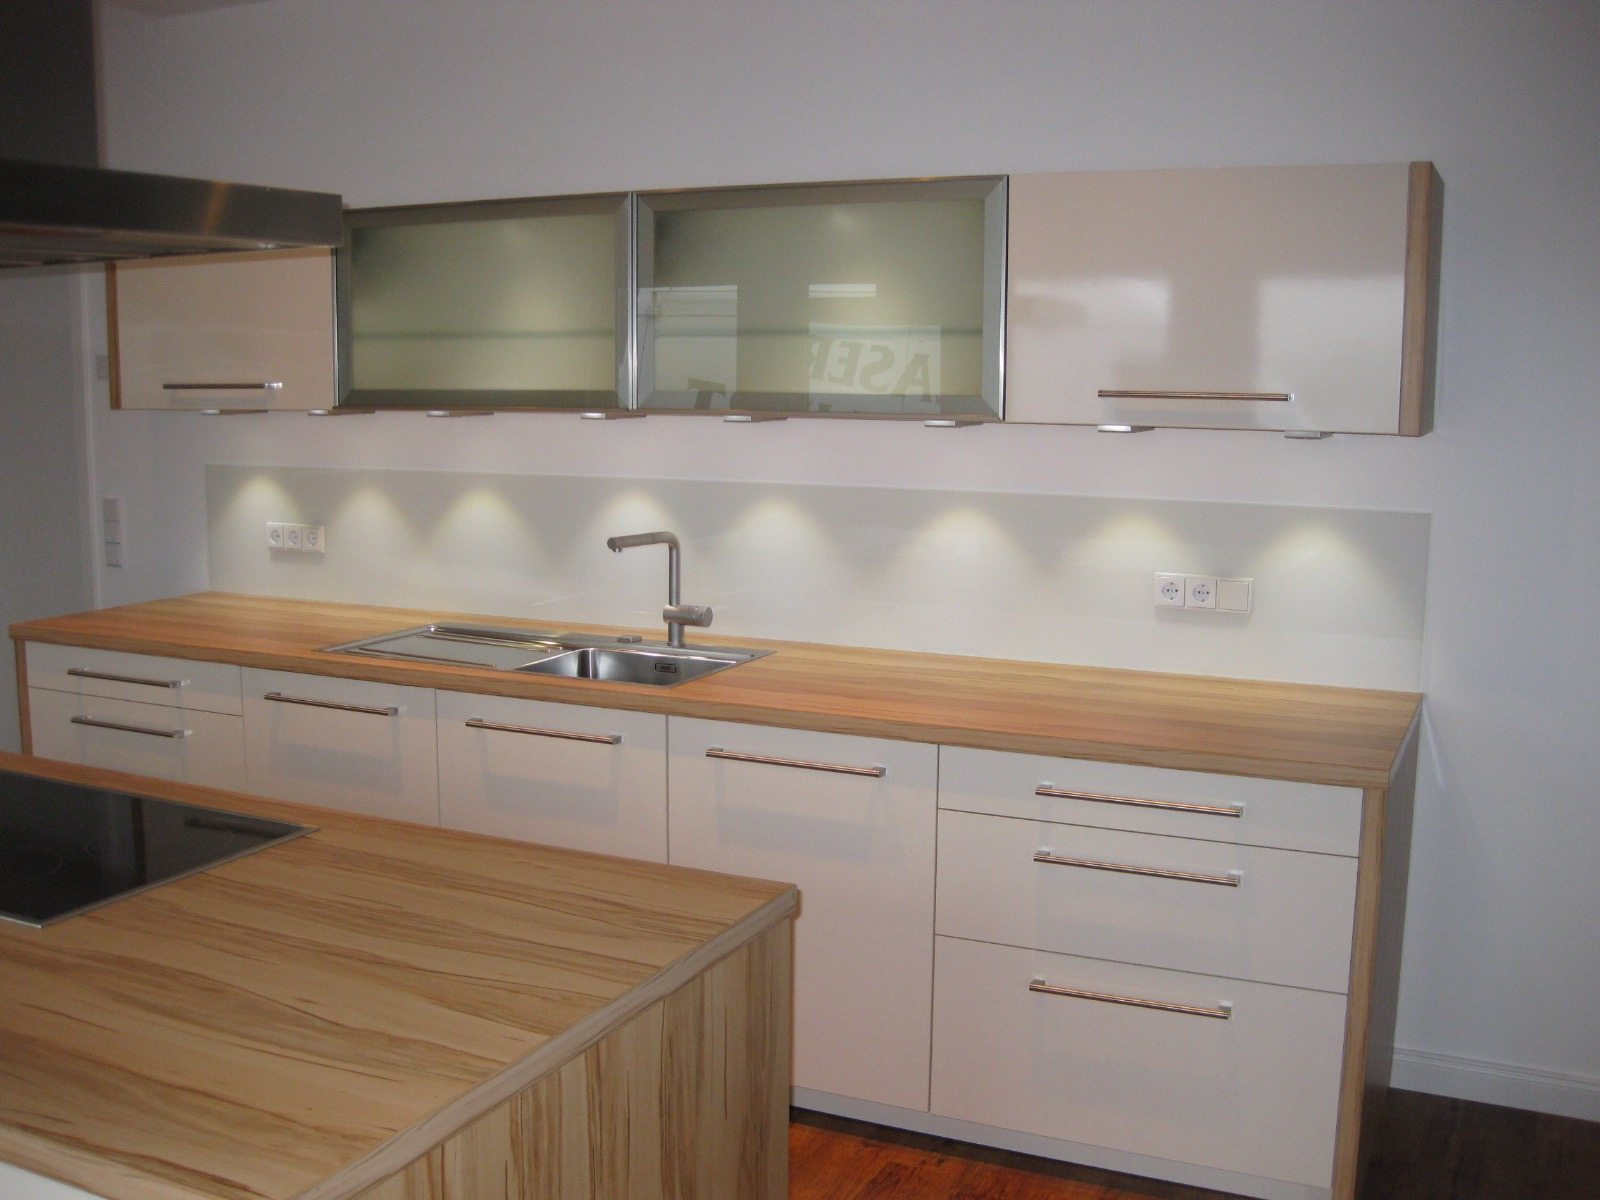 glaserei kleinert unsere leistungen auf einem blick alles aus glas. Black Bedroom Furniture Sets. Home Design Ideas